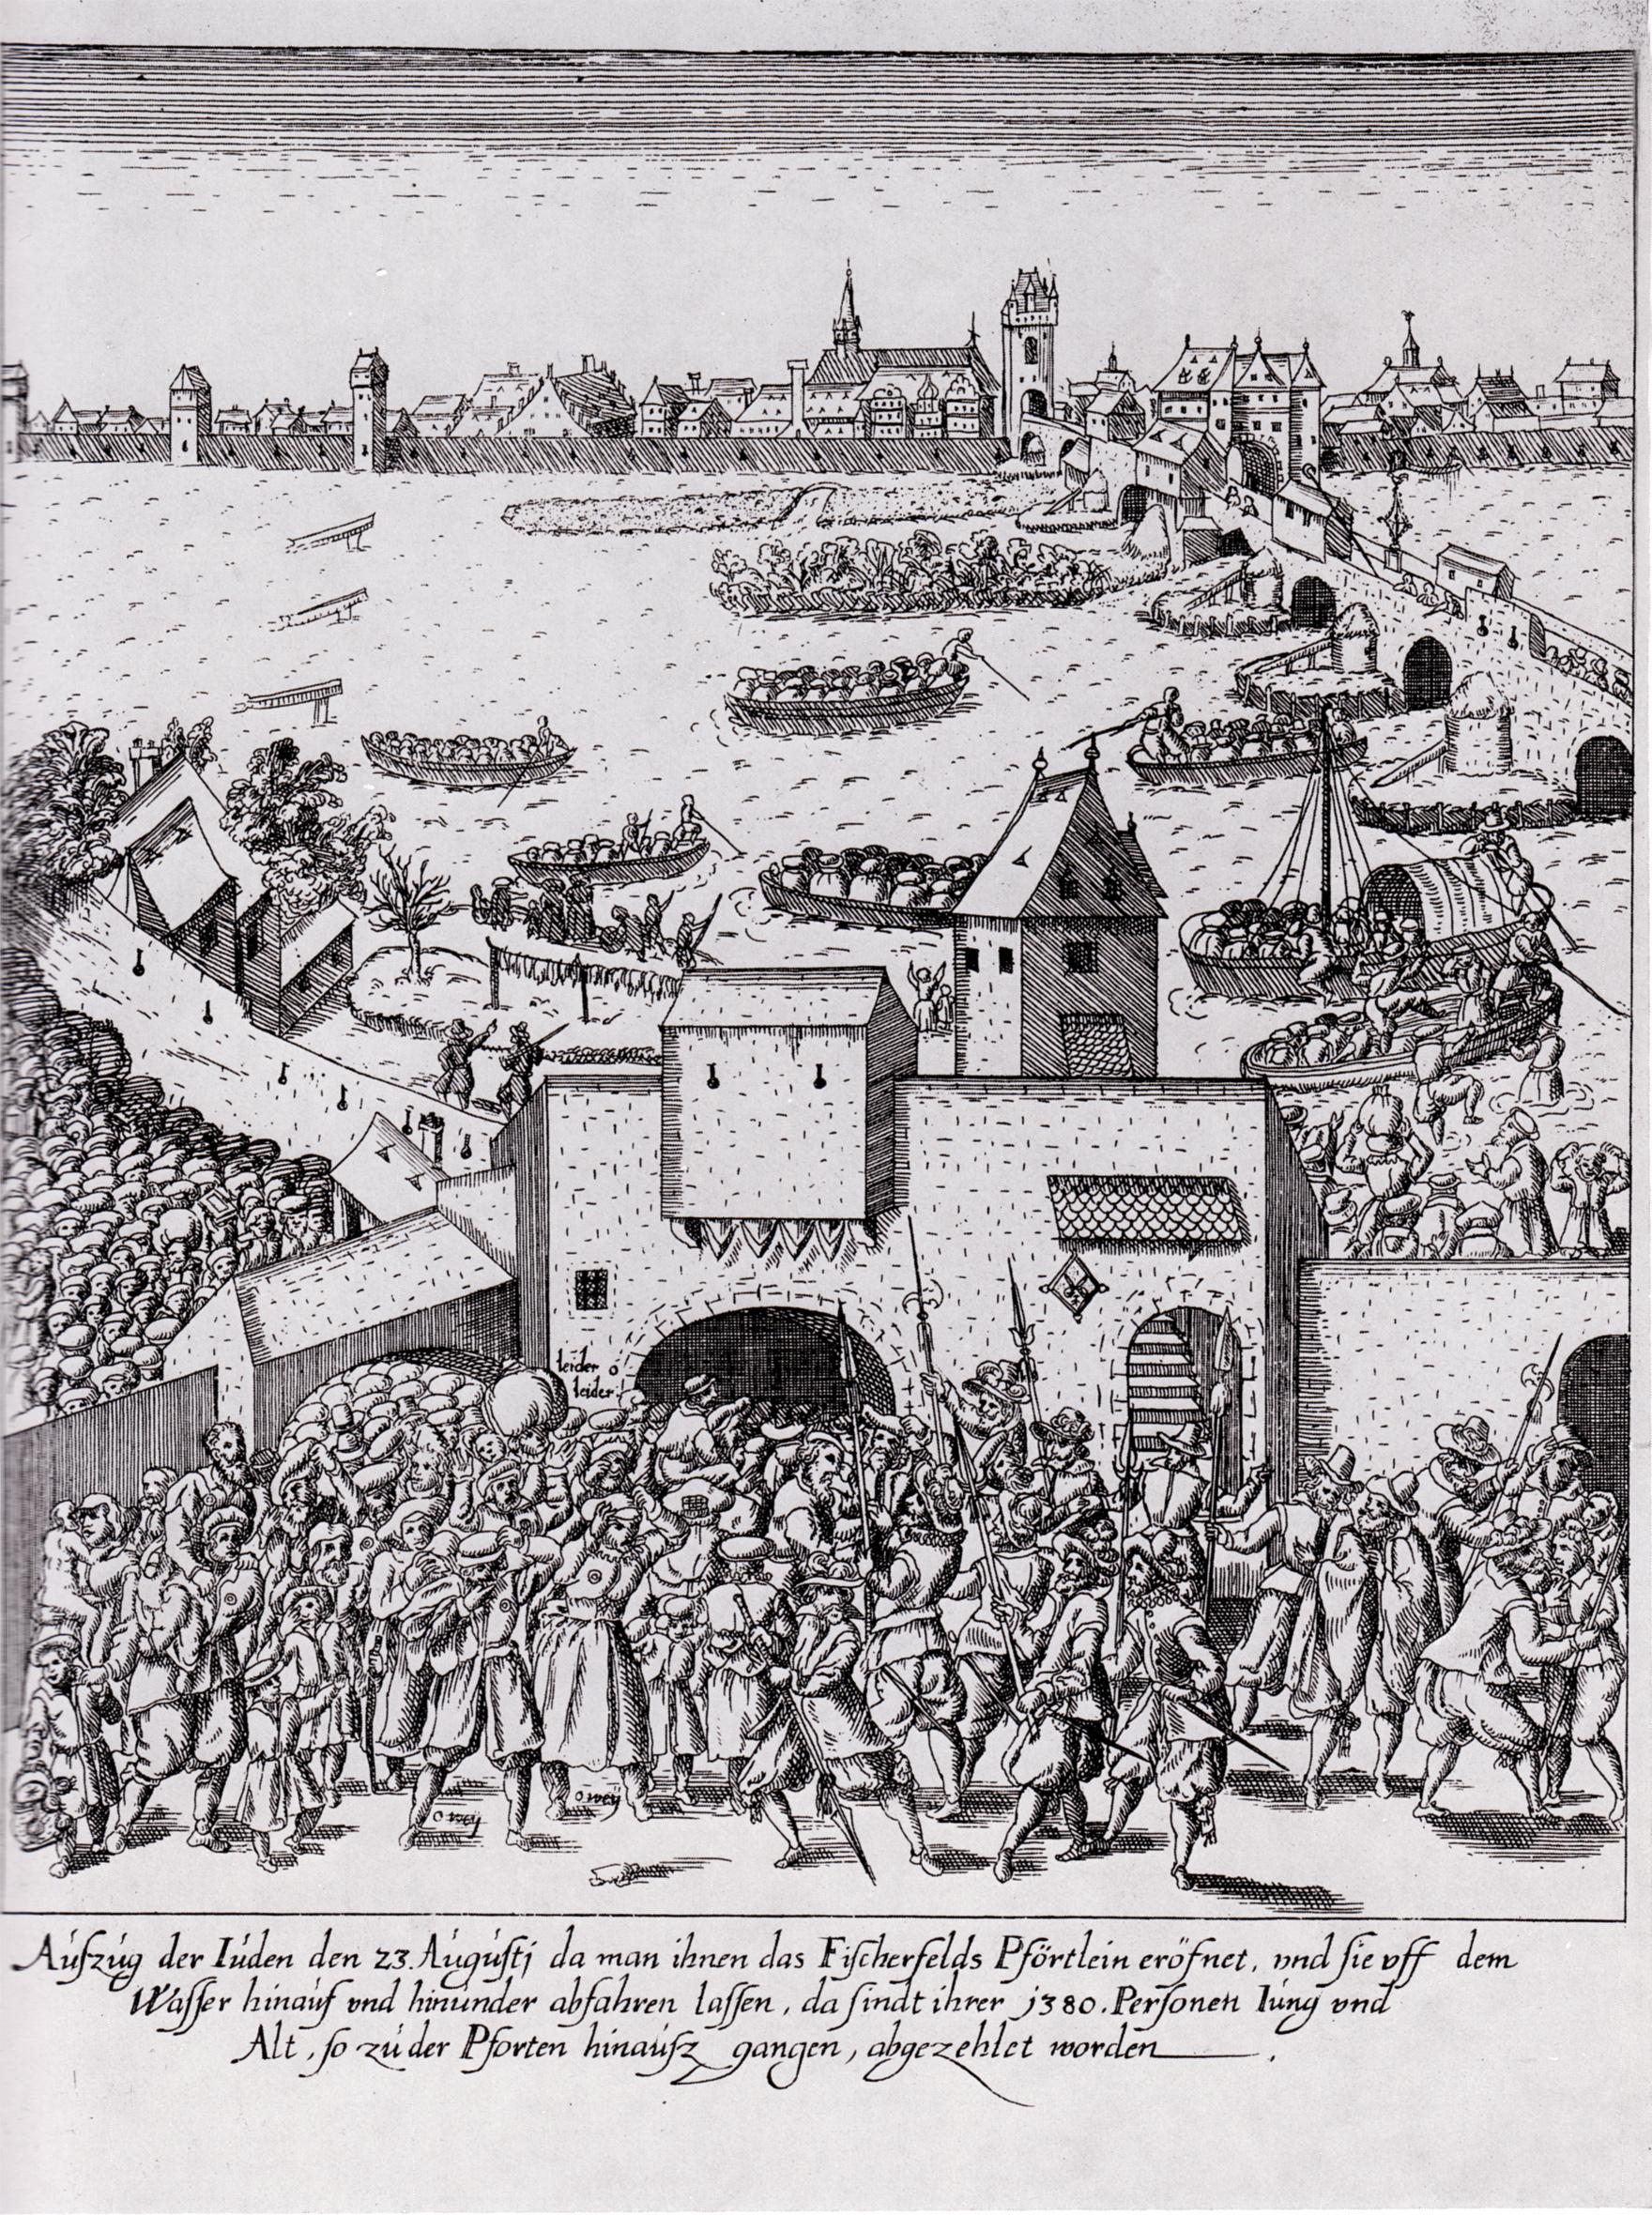 Datei:Vertreibung der Juden 1614.jpg